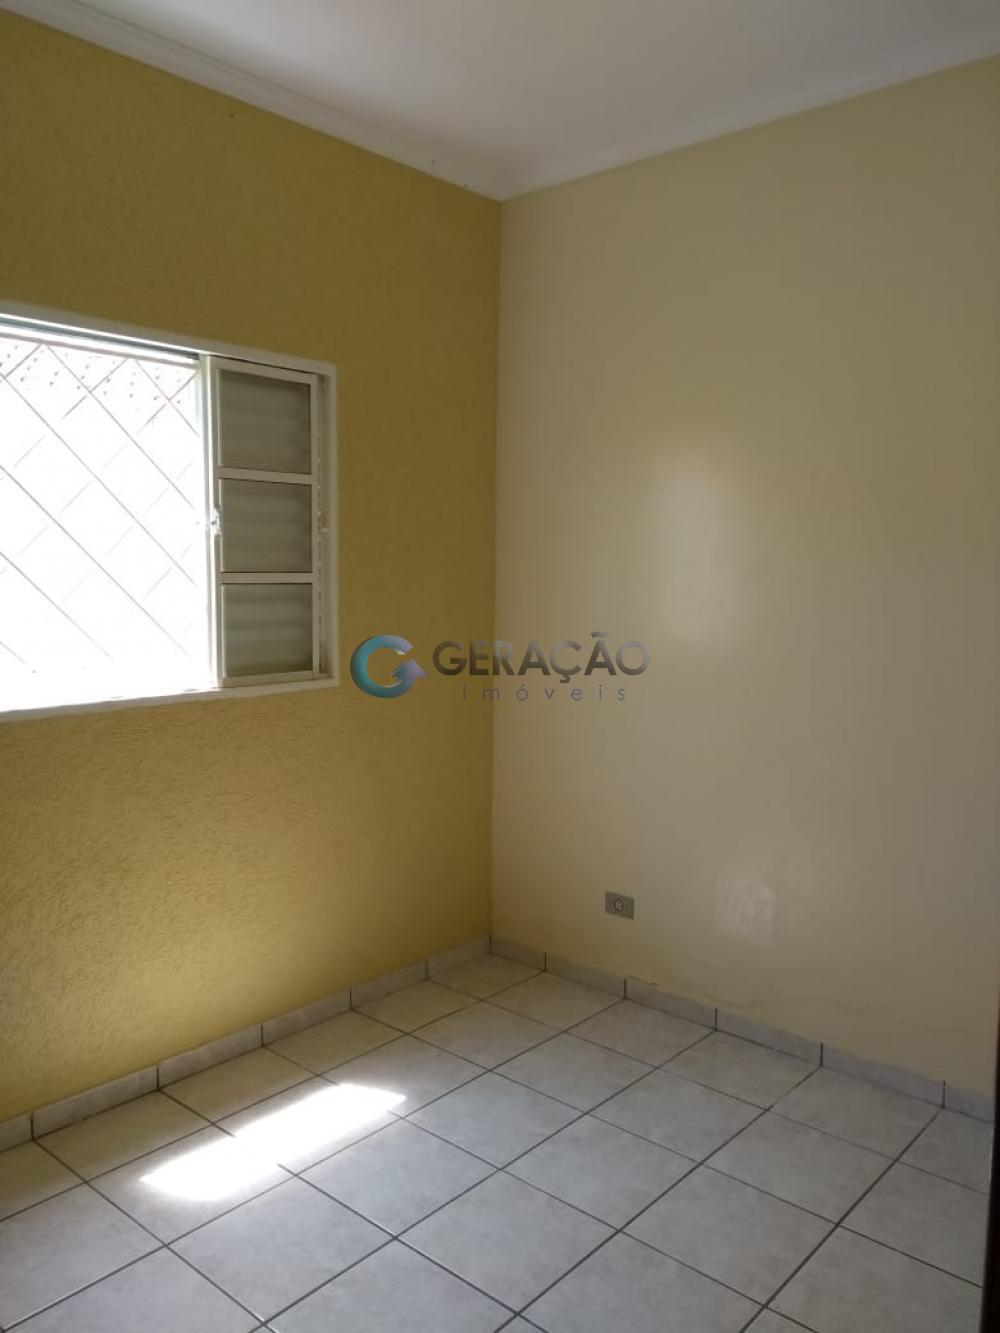 Comprar Casa / Padrão em São José dos Campos apenas R$ 215.000,00 - Foto 13